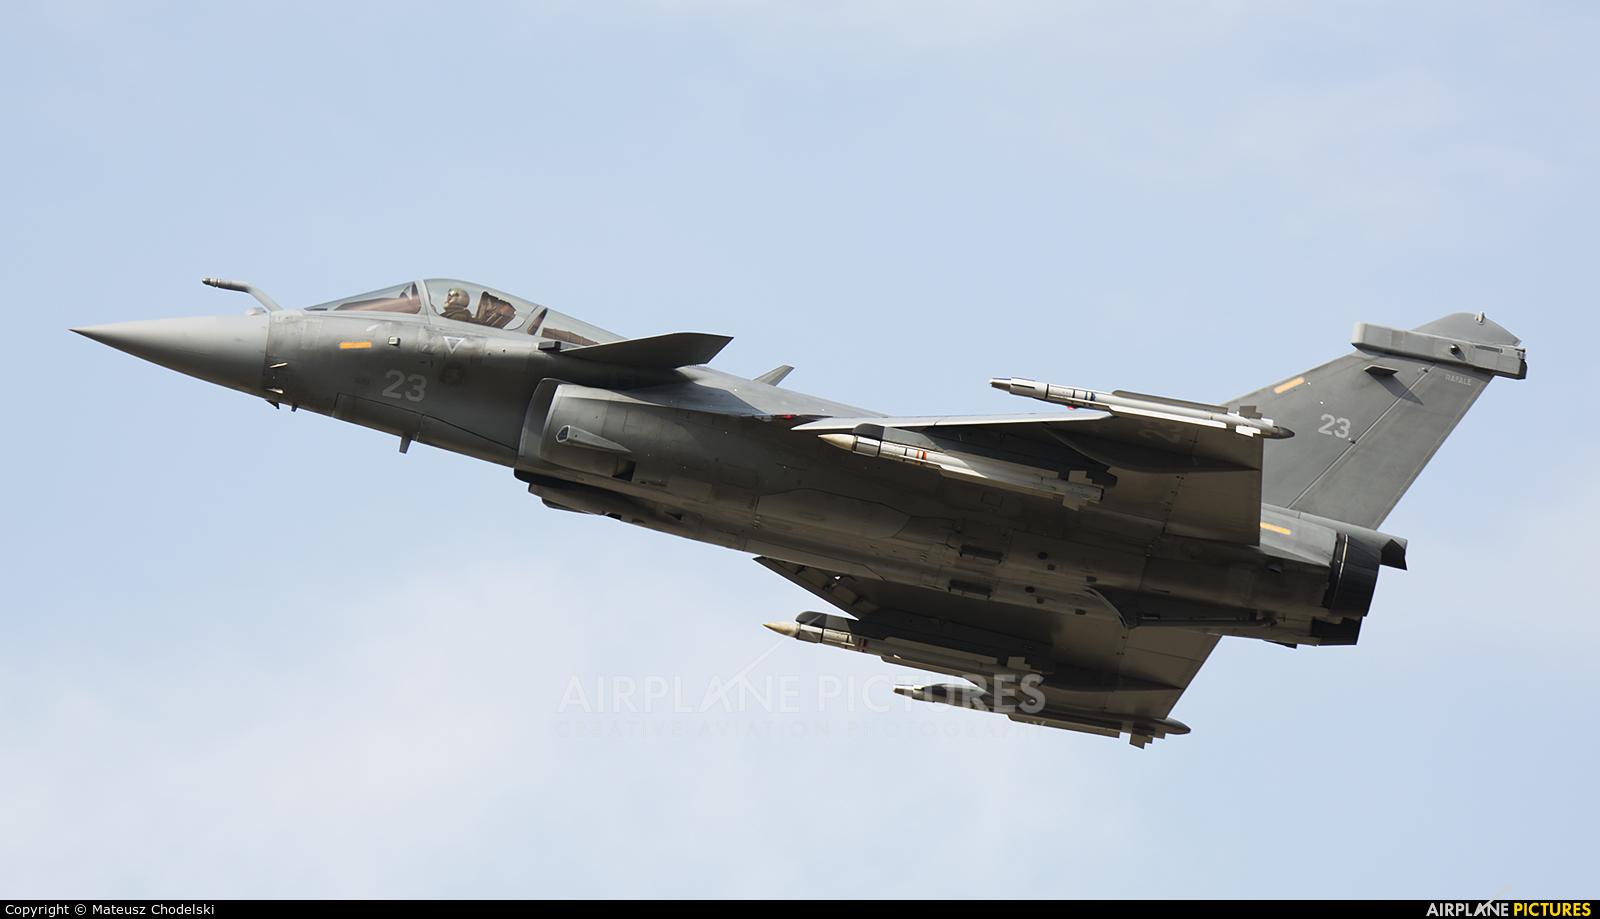 France - Navy 23 aircraft at Fairford